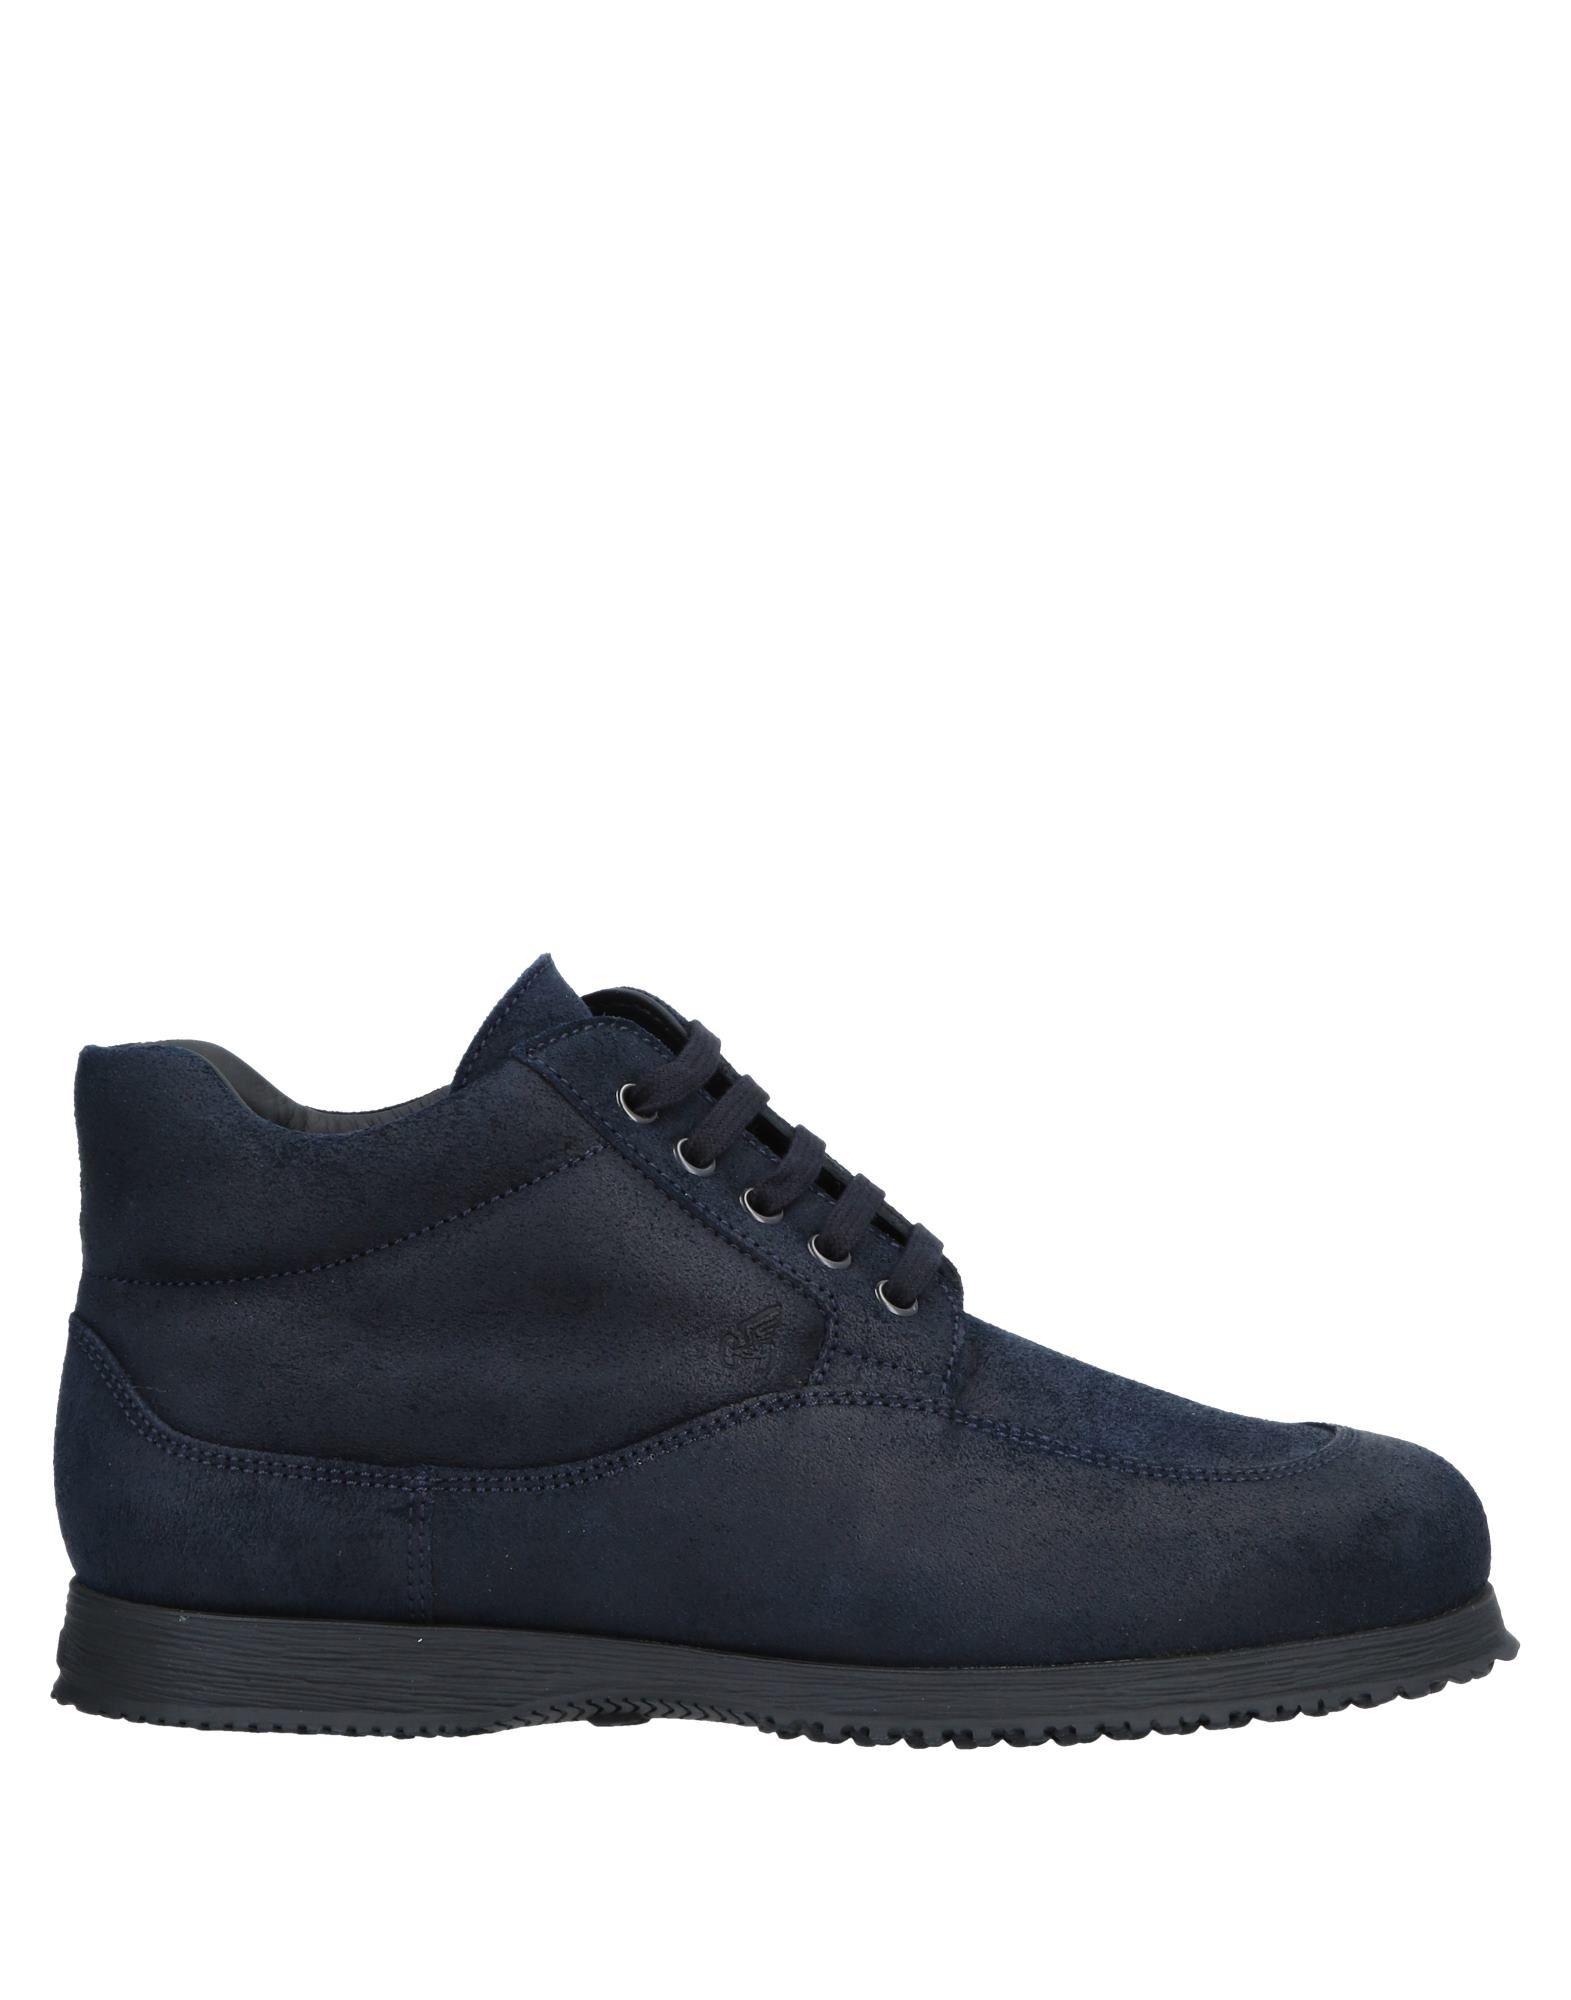 Sneakers Hogan Homme - Sneakers Hogan  Bleu foncé Spécial temps limité